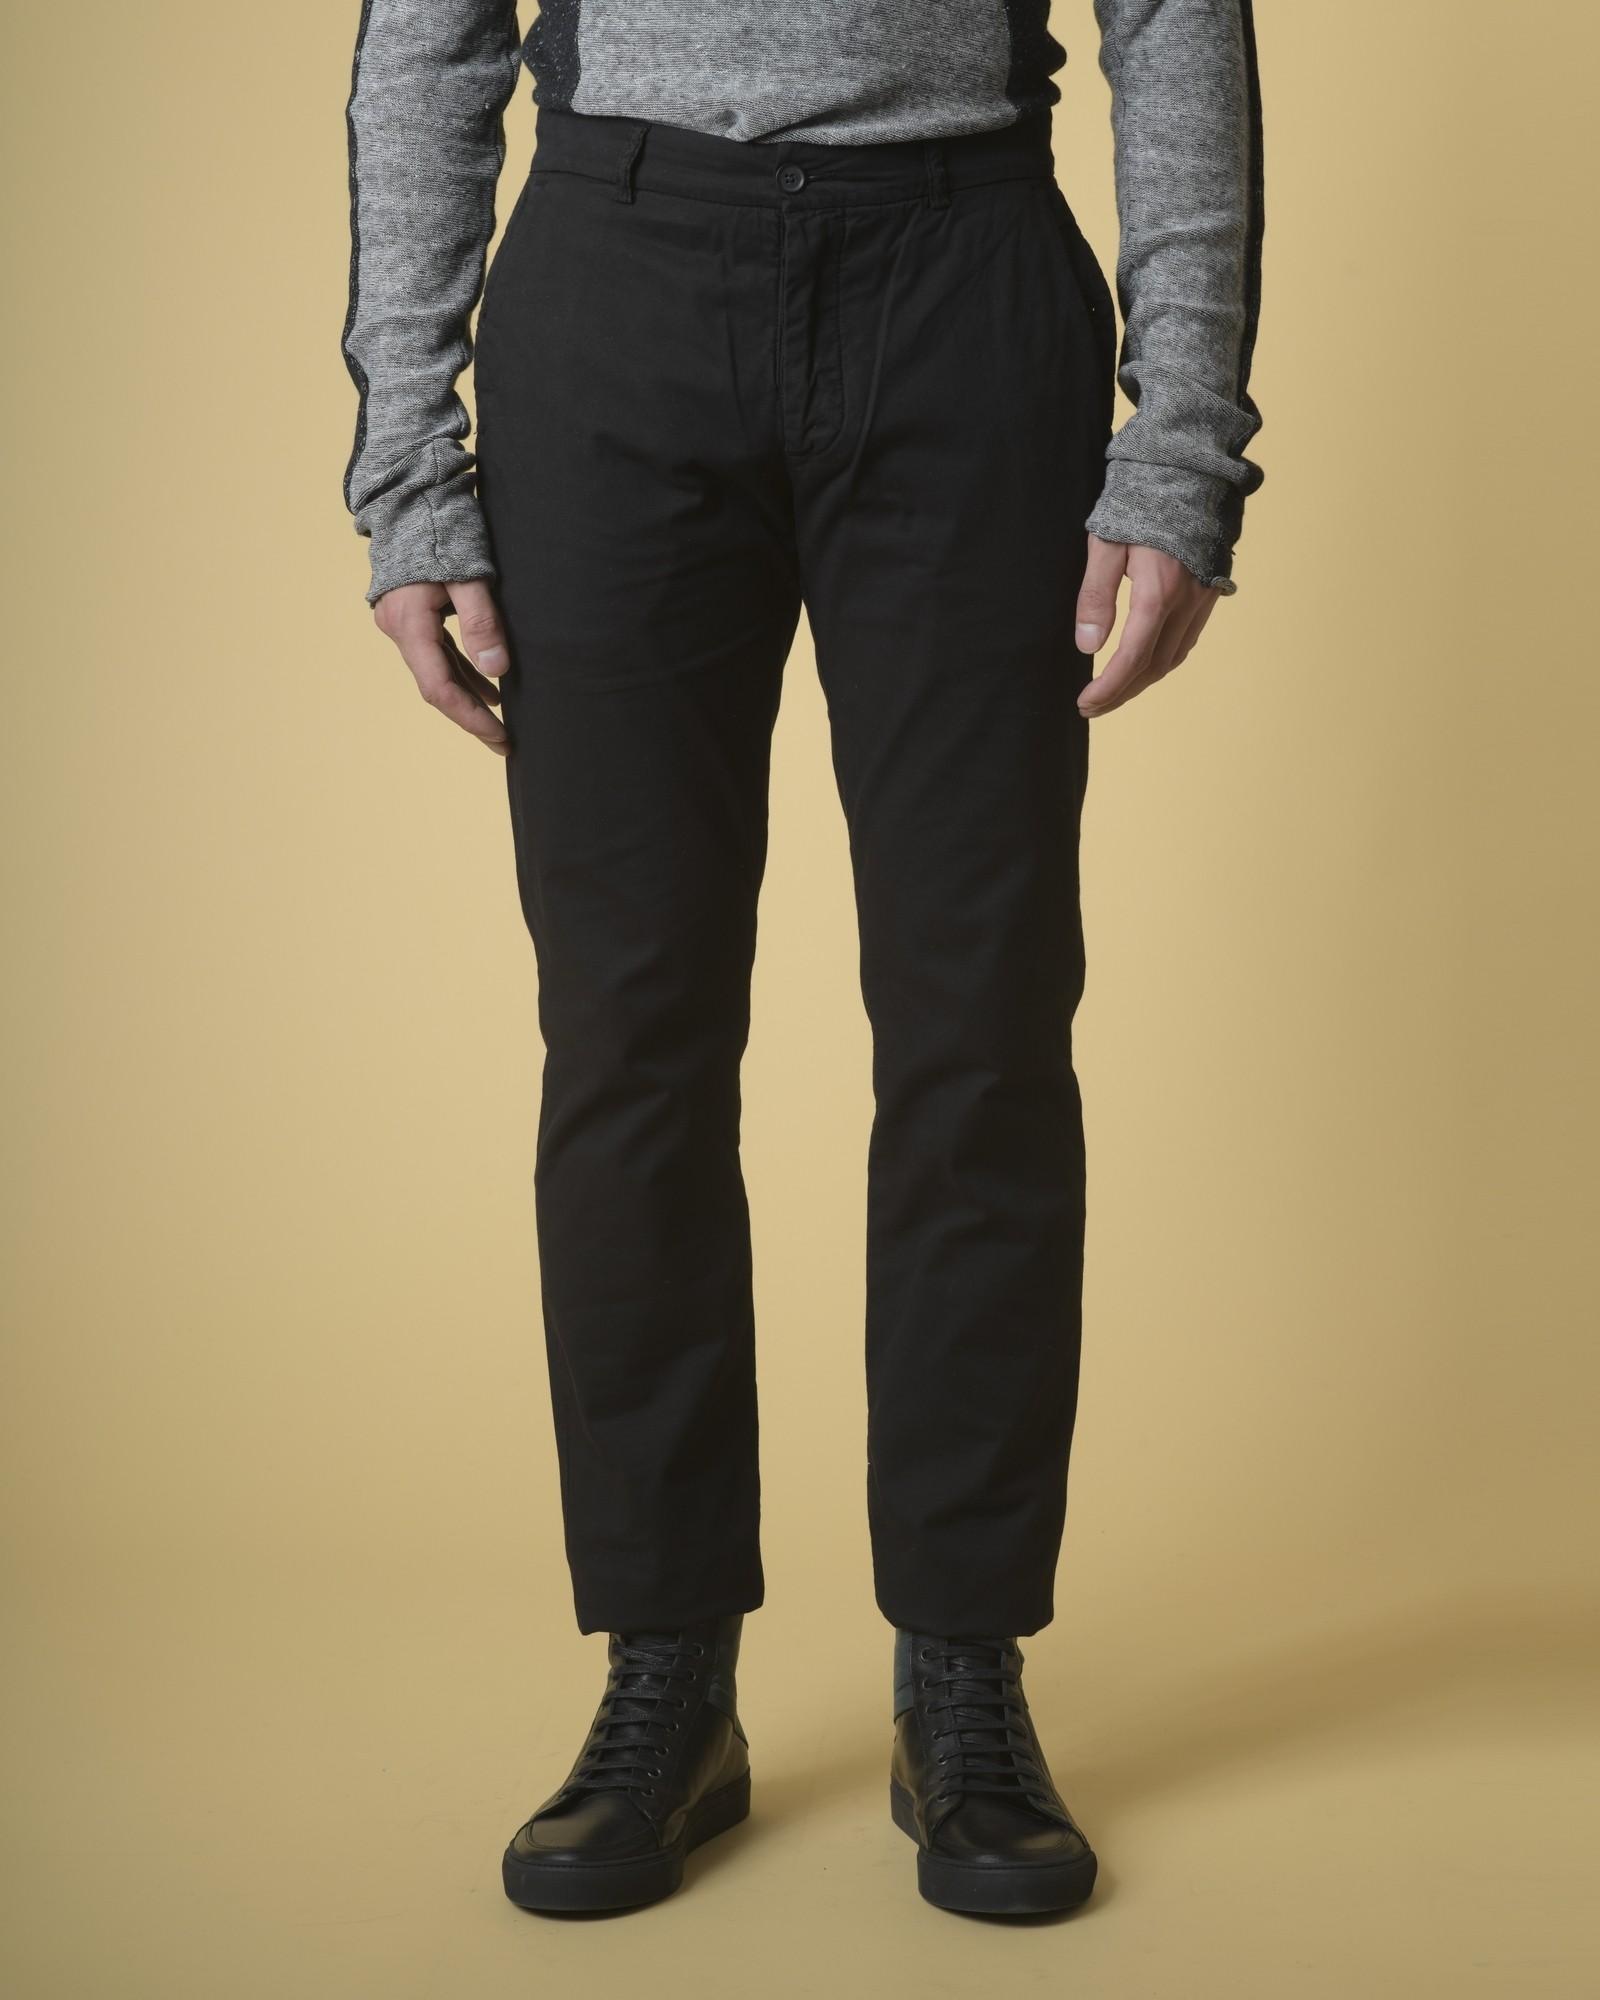 Pantalon en jean noir...